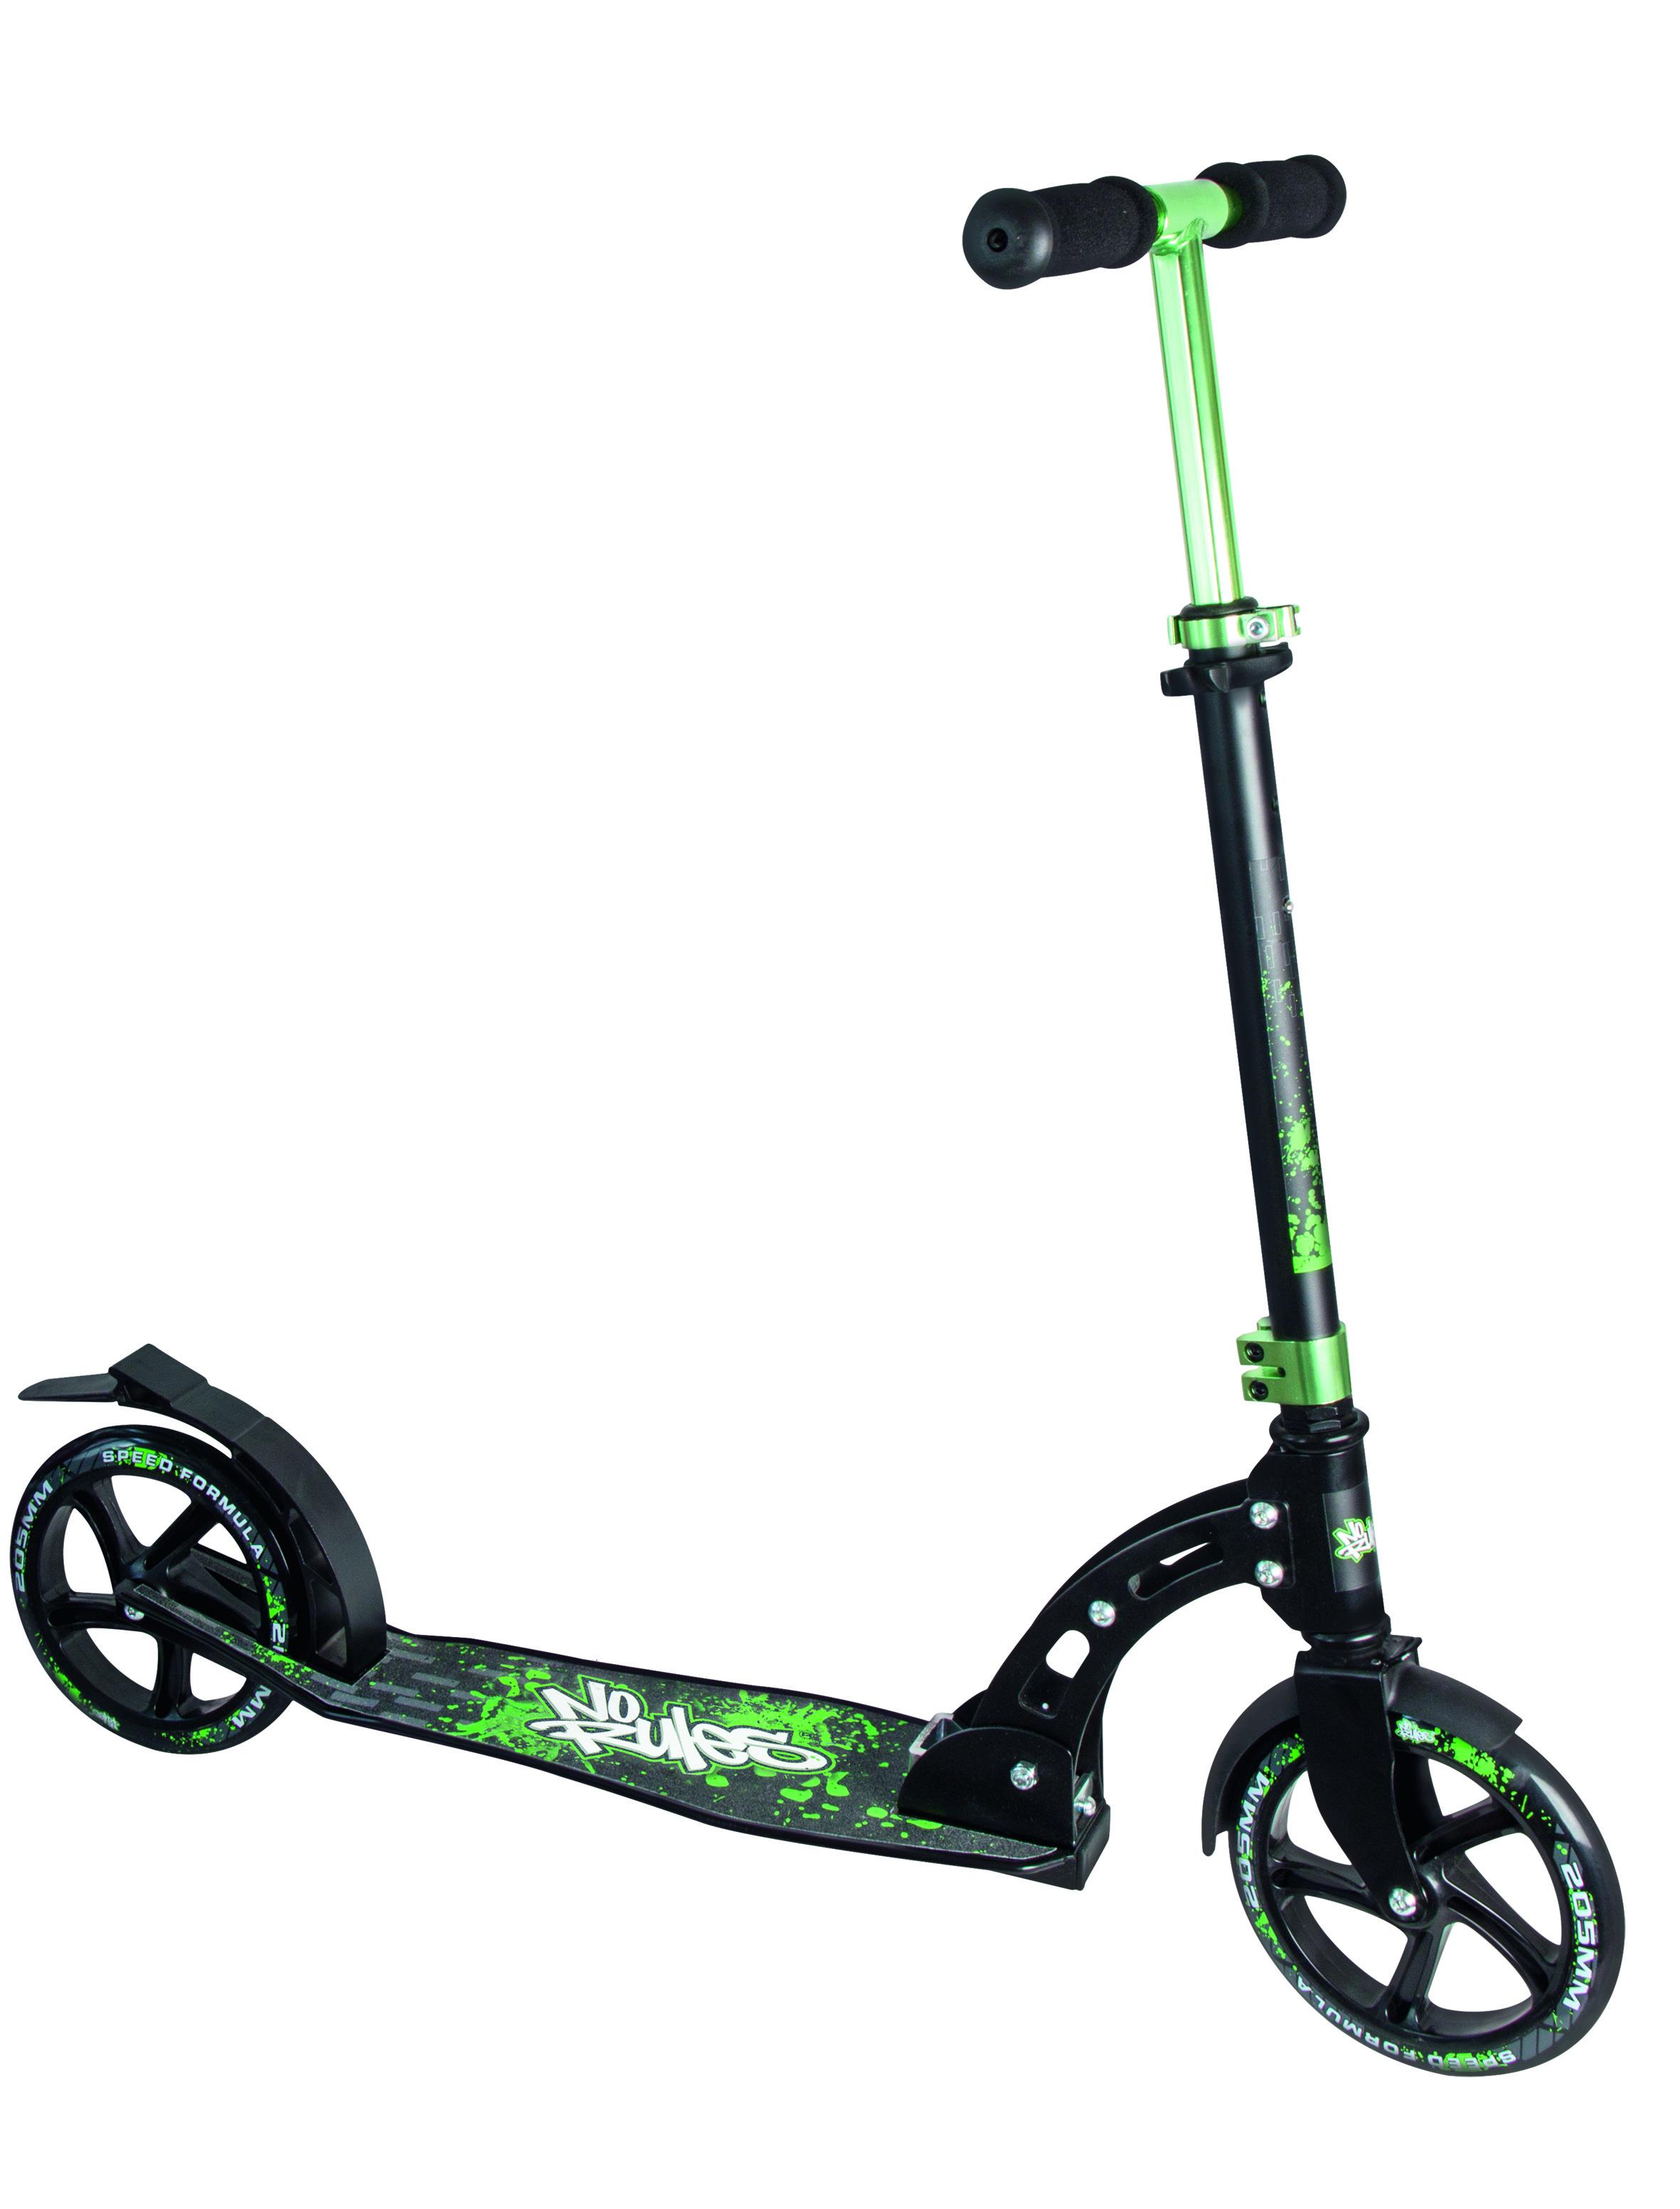 No Rules Aluminium Scooter skrejritenis 205 mm, melns/zaļš AU 137 Skrejriteņi